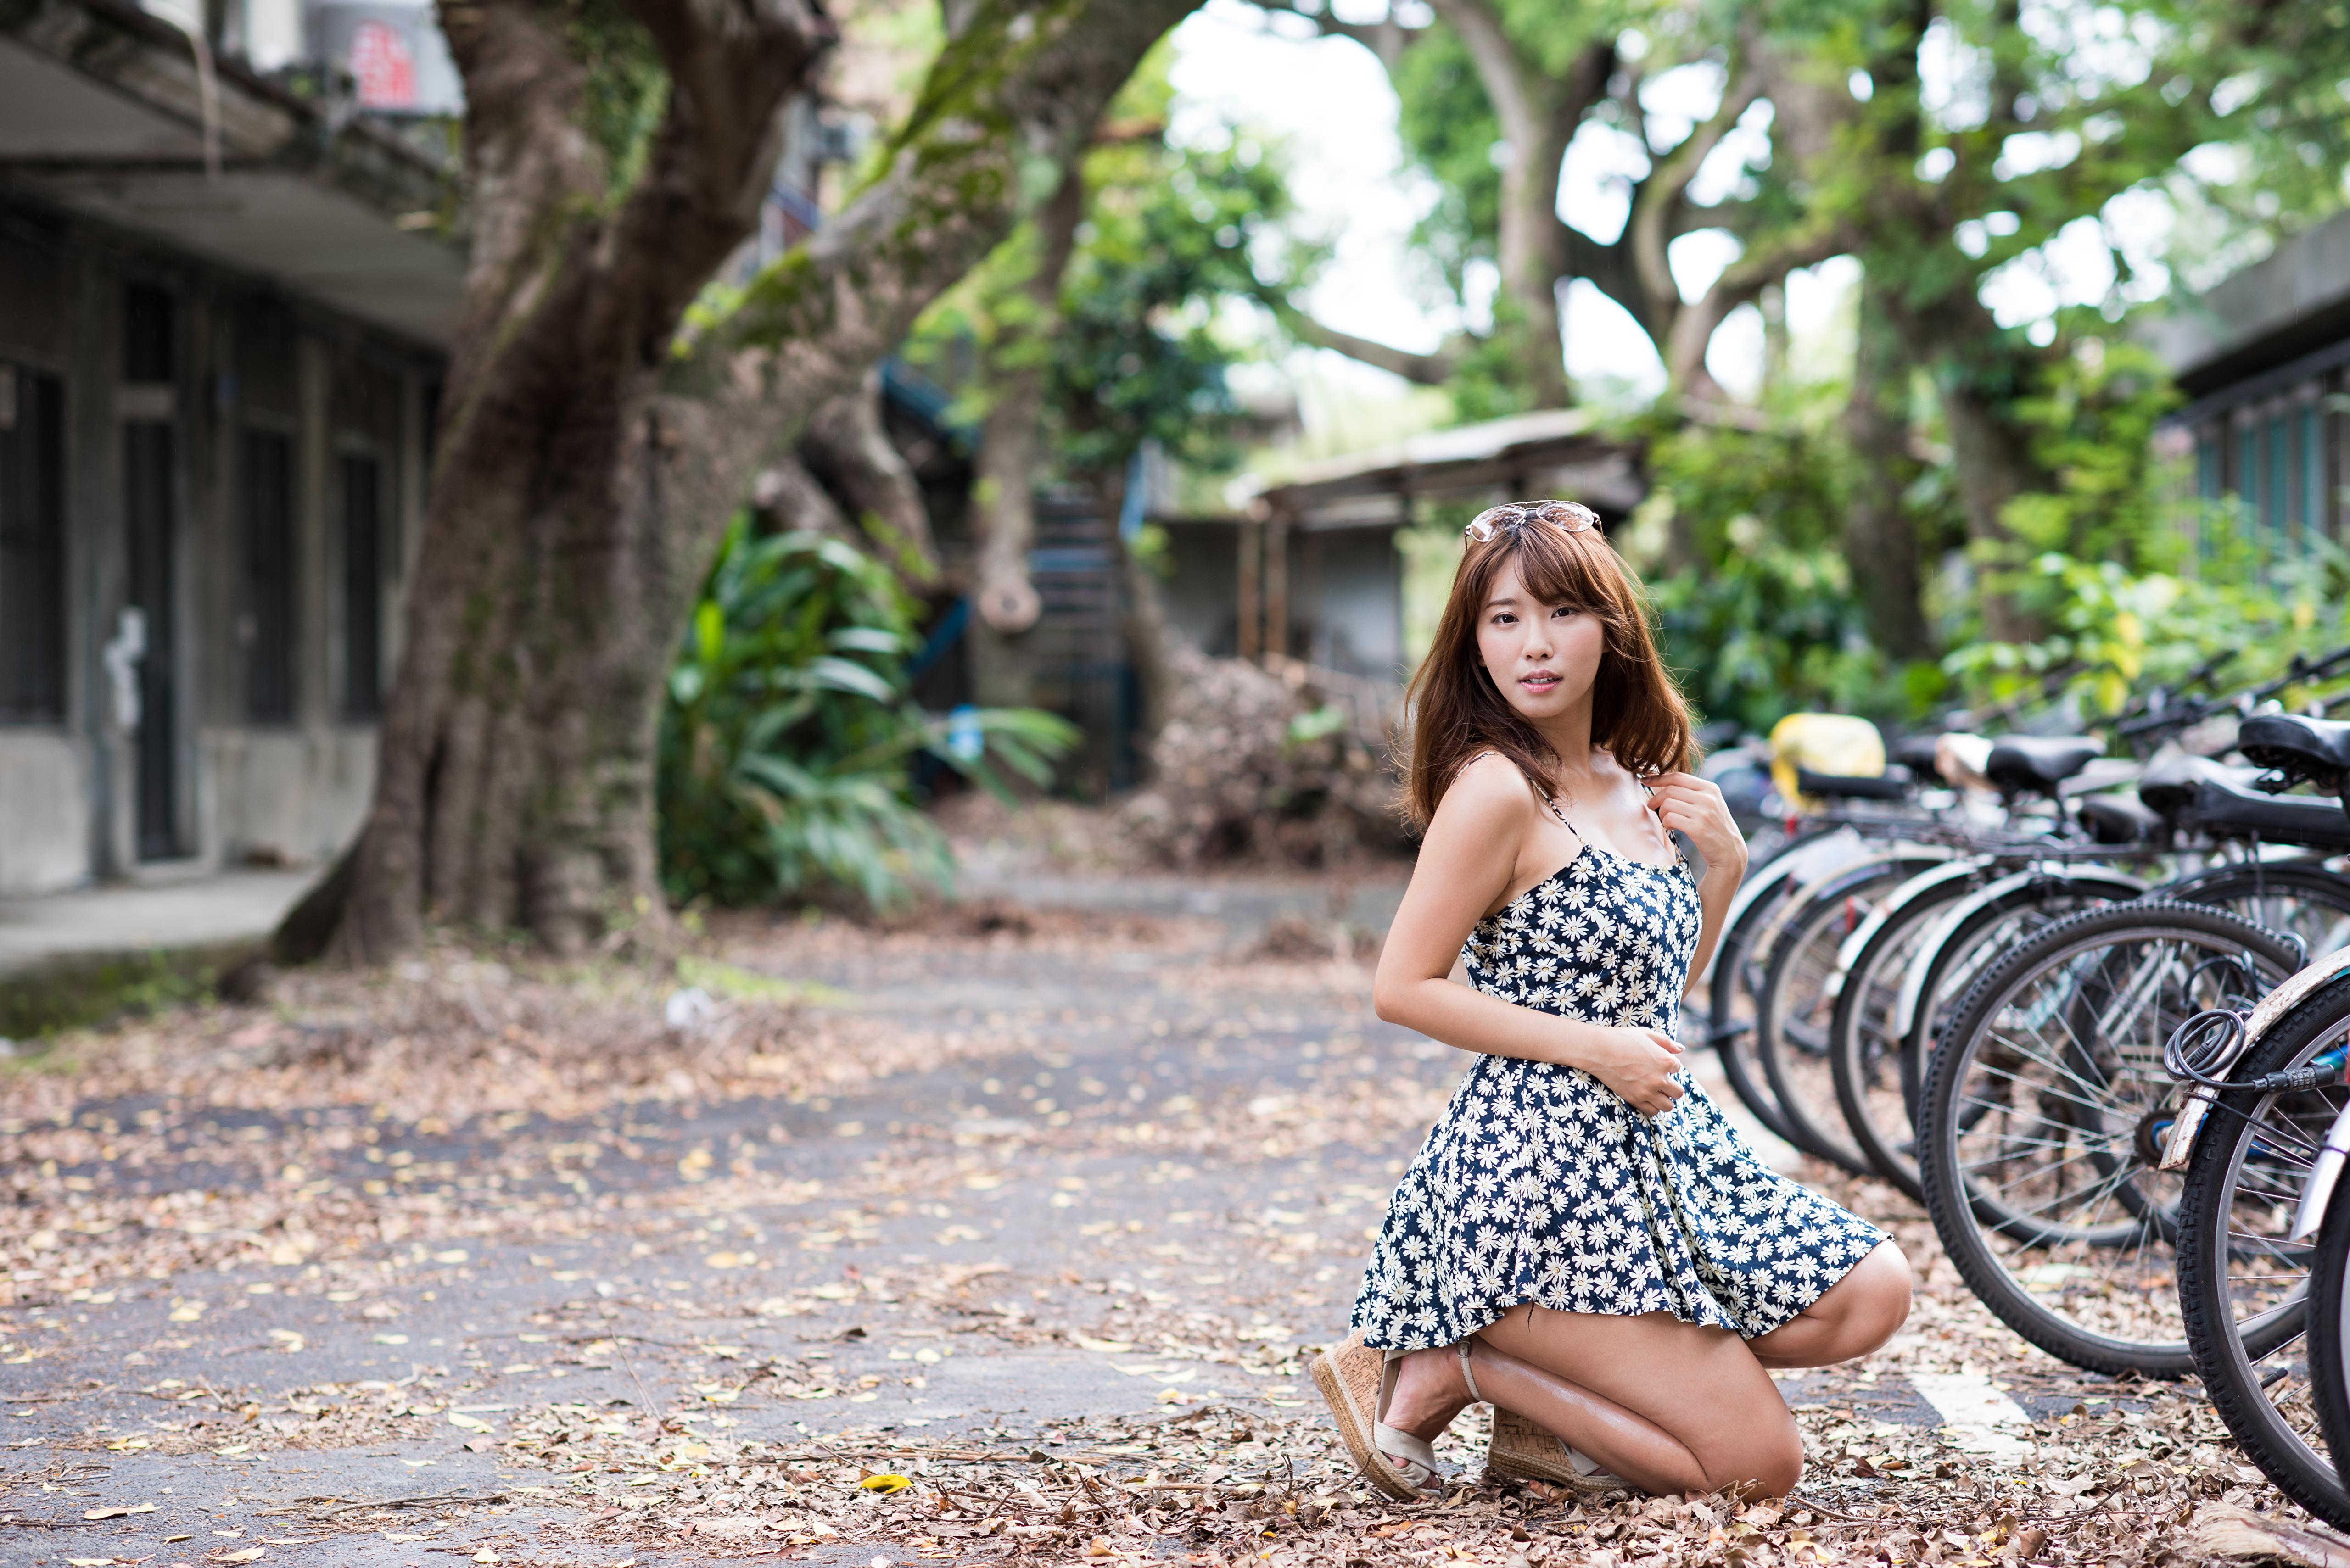 Asiático Cabello castaño Bokeh Vestido Bicicleta mujer joven, mujeres jóvenes, asiática, bicicletas, pelo castaño, fondo borroso Chicas